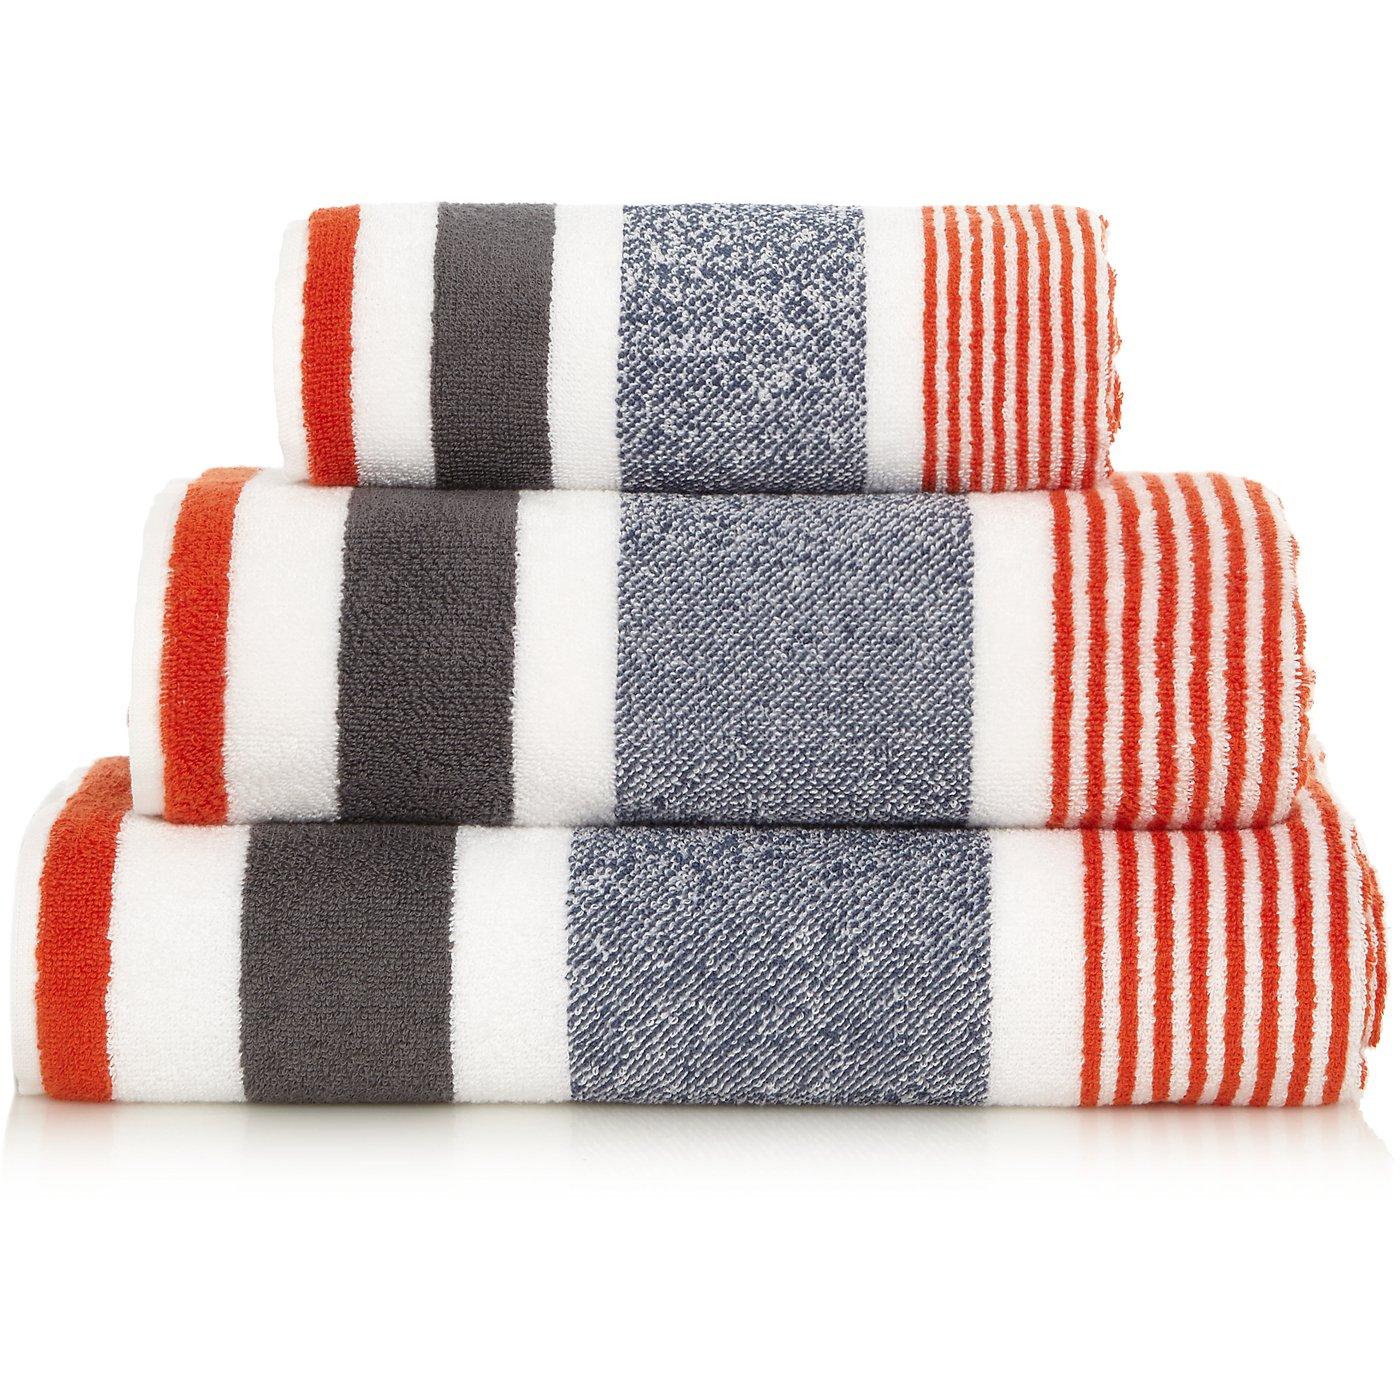 rug green mats mat lime rugs etsy best closeup neon bathmat bath